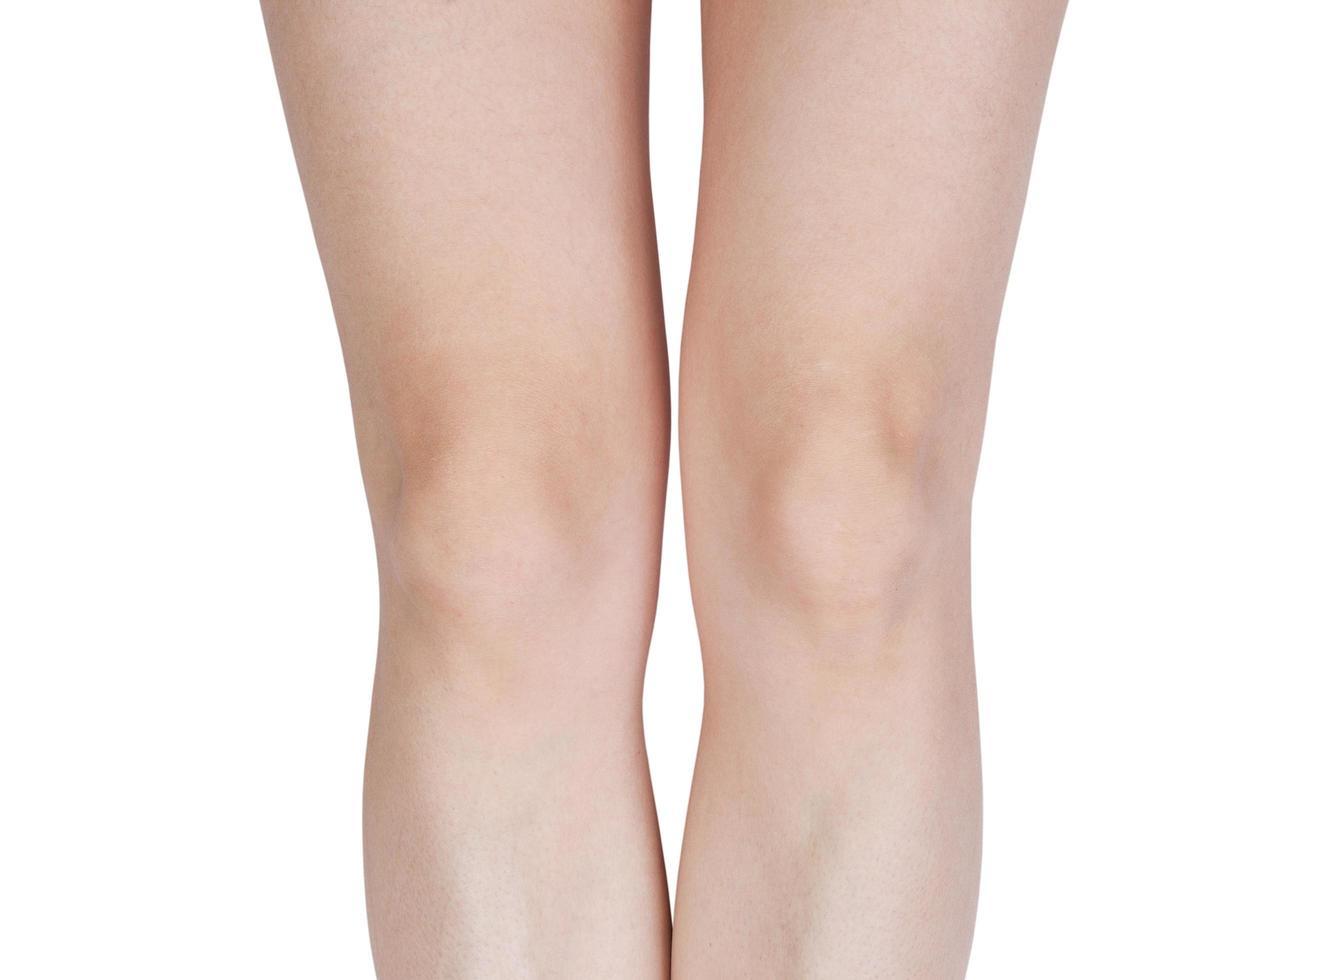 detalle de las piernas con rodillas foto